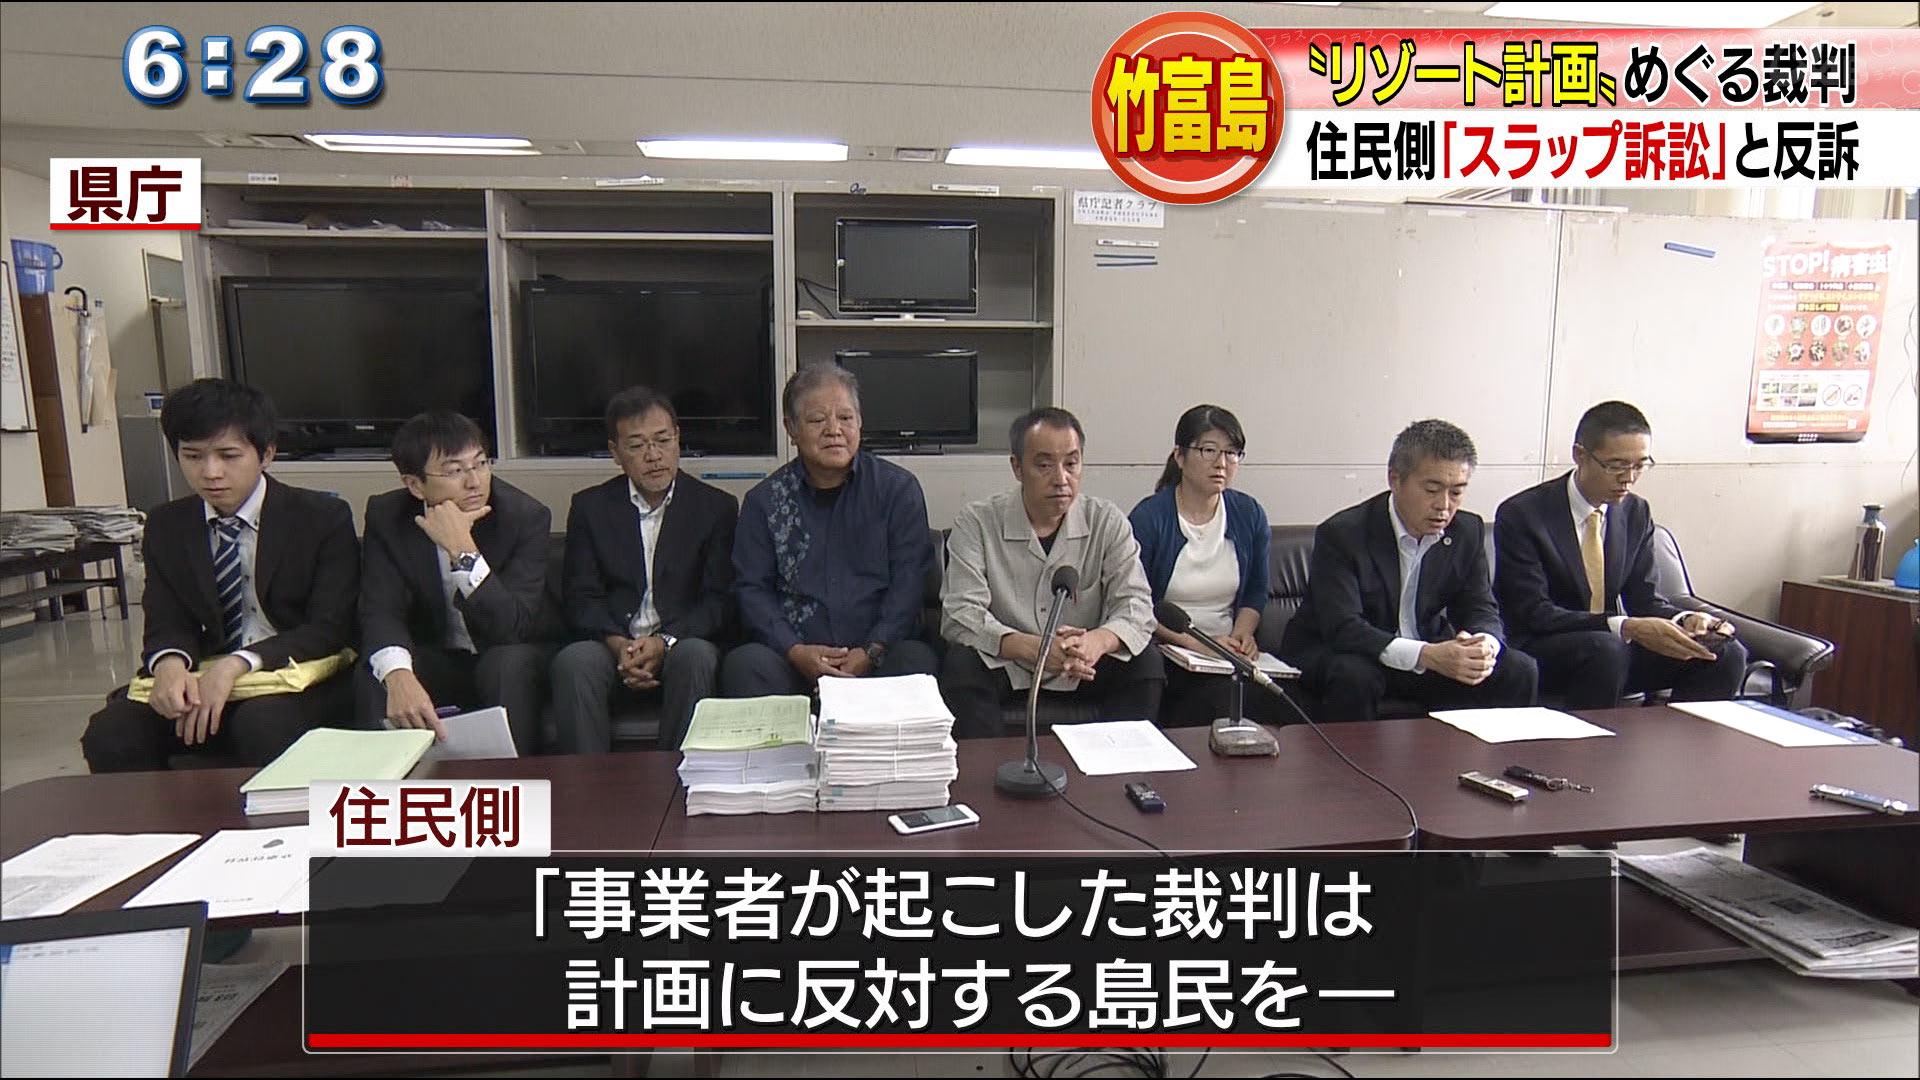 竹富 リゾートホテル計画めぐる訴訟 住民側が反訴